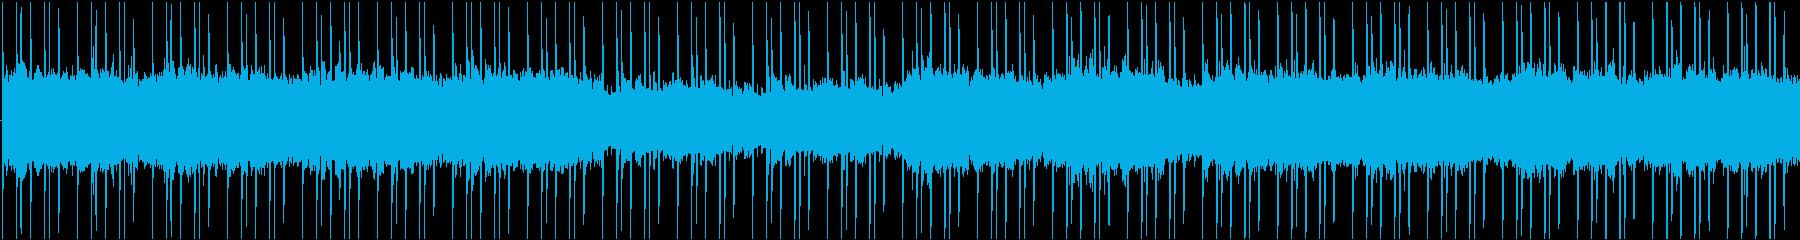 水の流れを思わせるチル系BGMの再生済みの波形